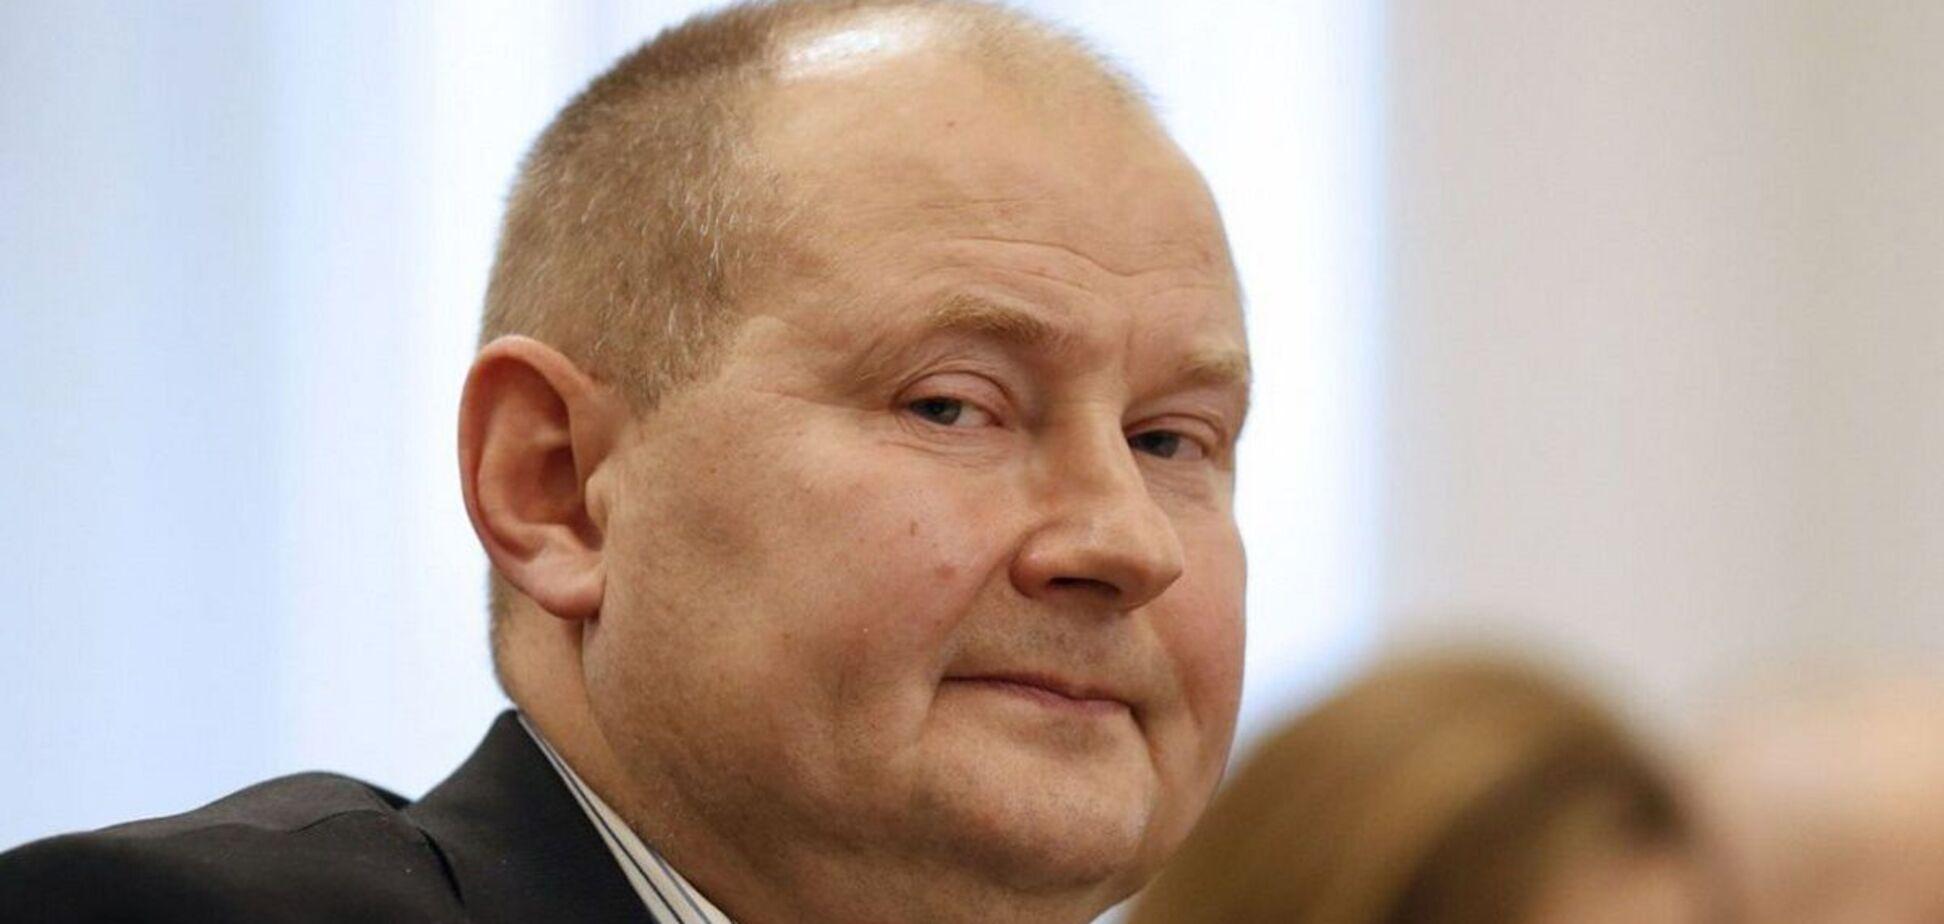 ГУР Минобороны – о похищении Чауса: это провокация спецслужб РФ для дискредитации разведки